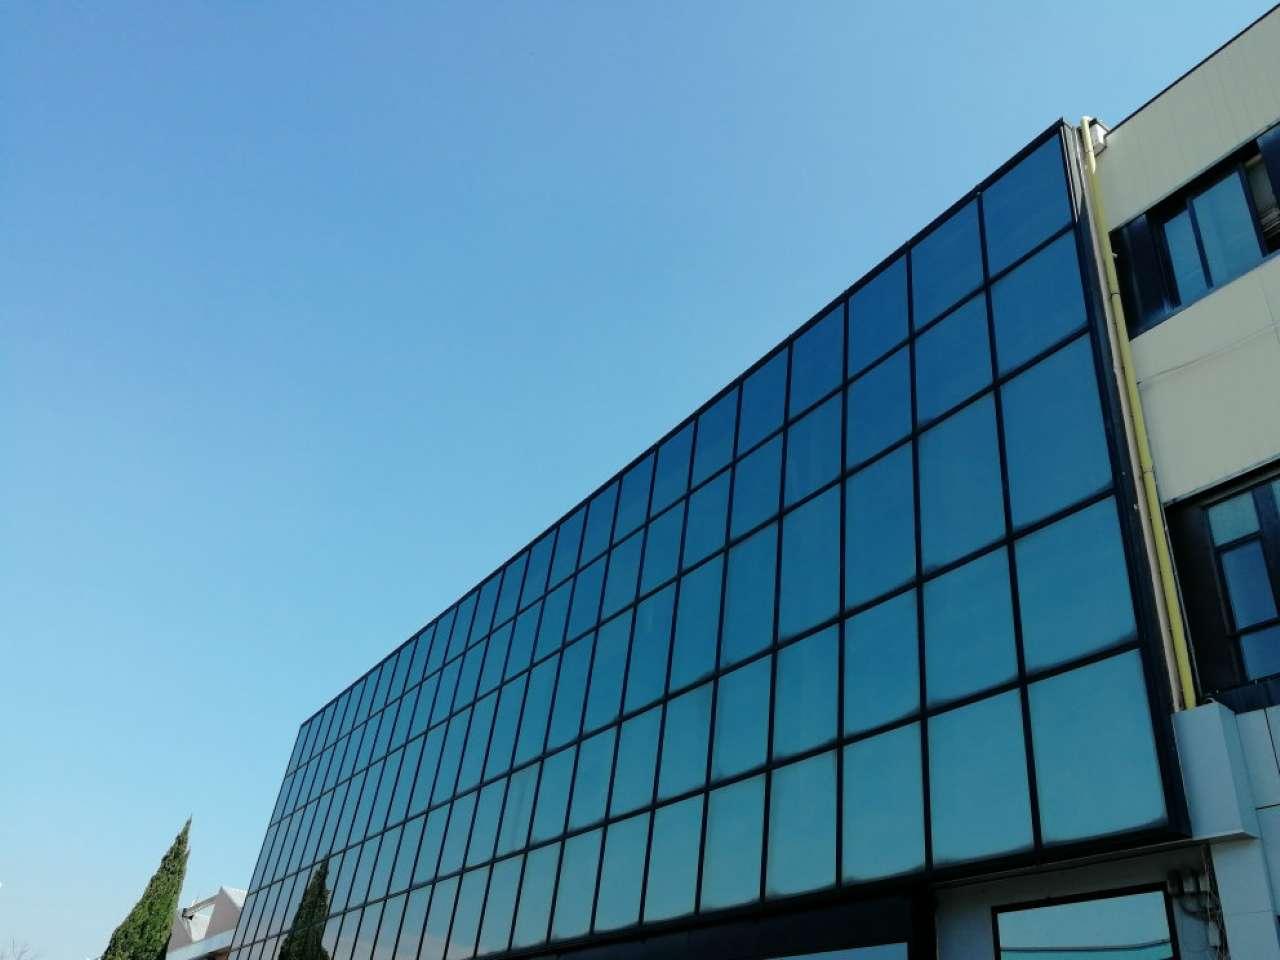 Ufficio / Studio in affitto a Rivoli, 9999 locali, prezzo € 950 | PortaleAgenzieImmobiliari.it